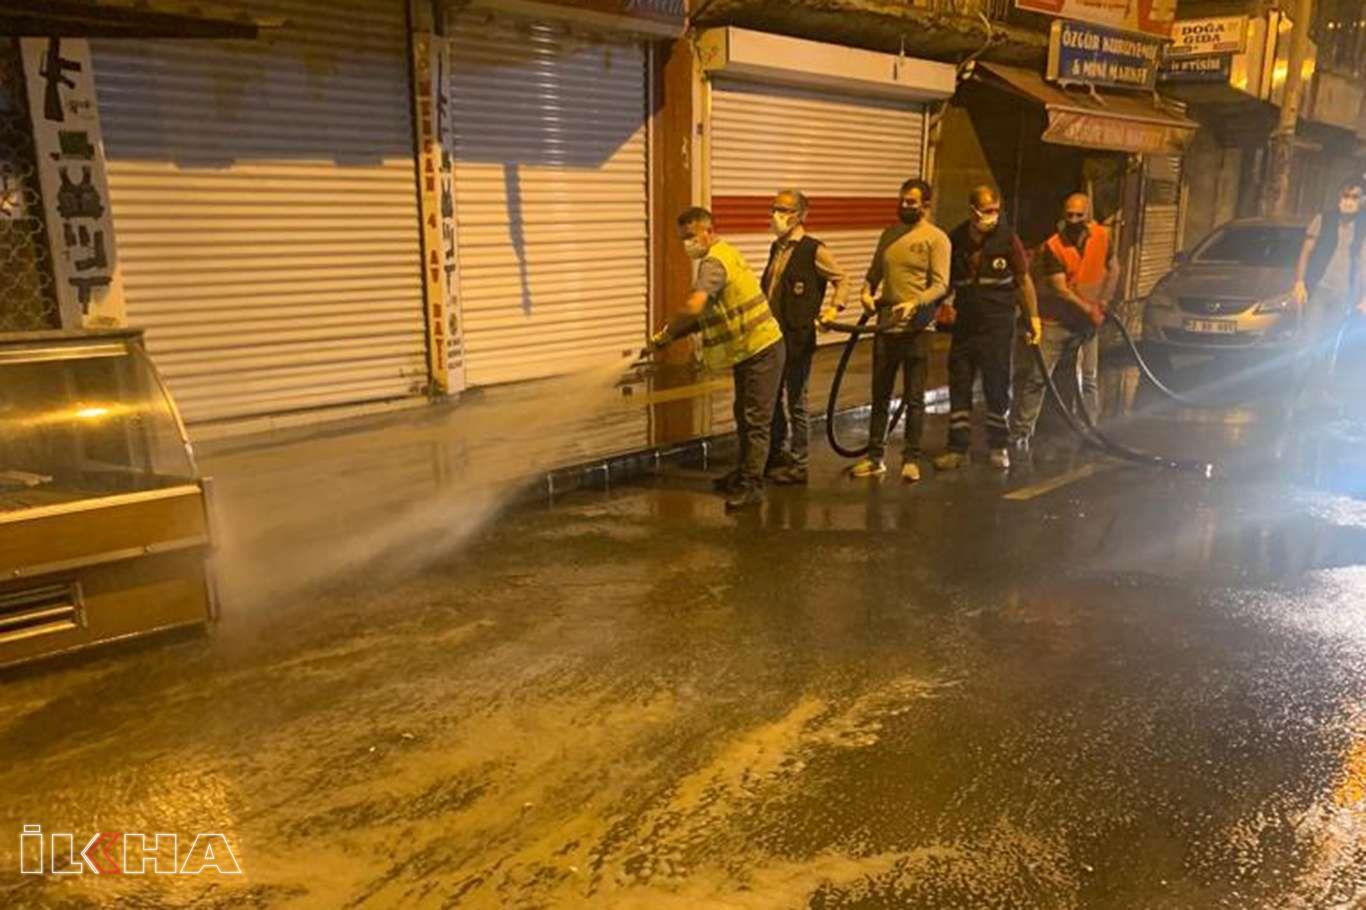 Diyarbakır sokakları tam kapanma sürecinde yıkanarak temizleniyor